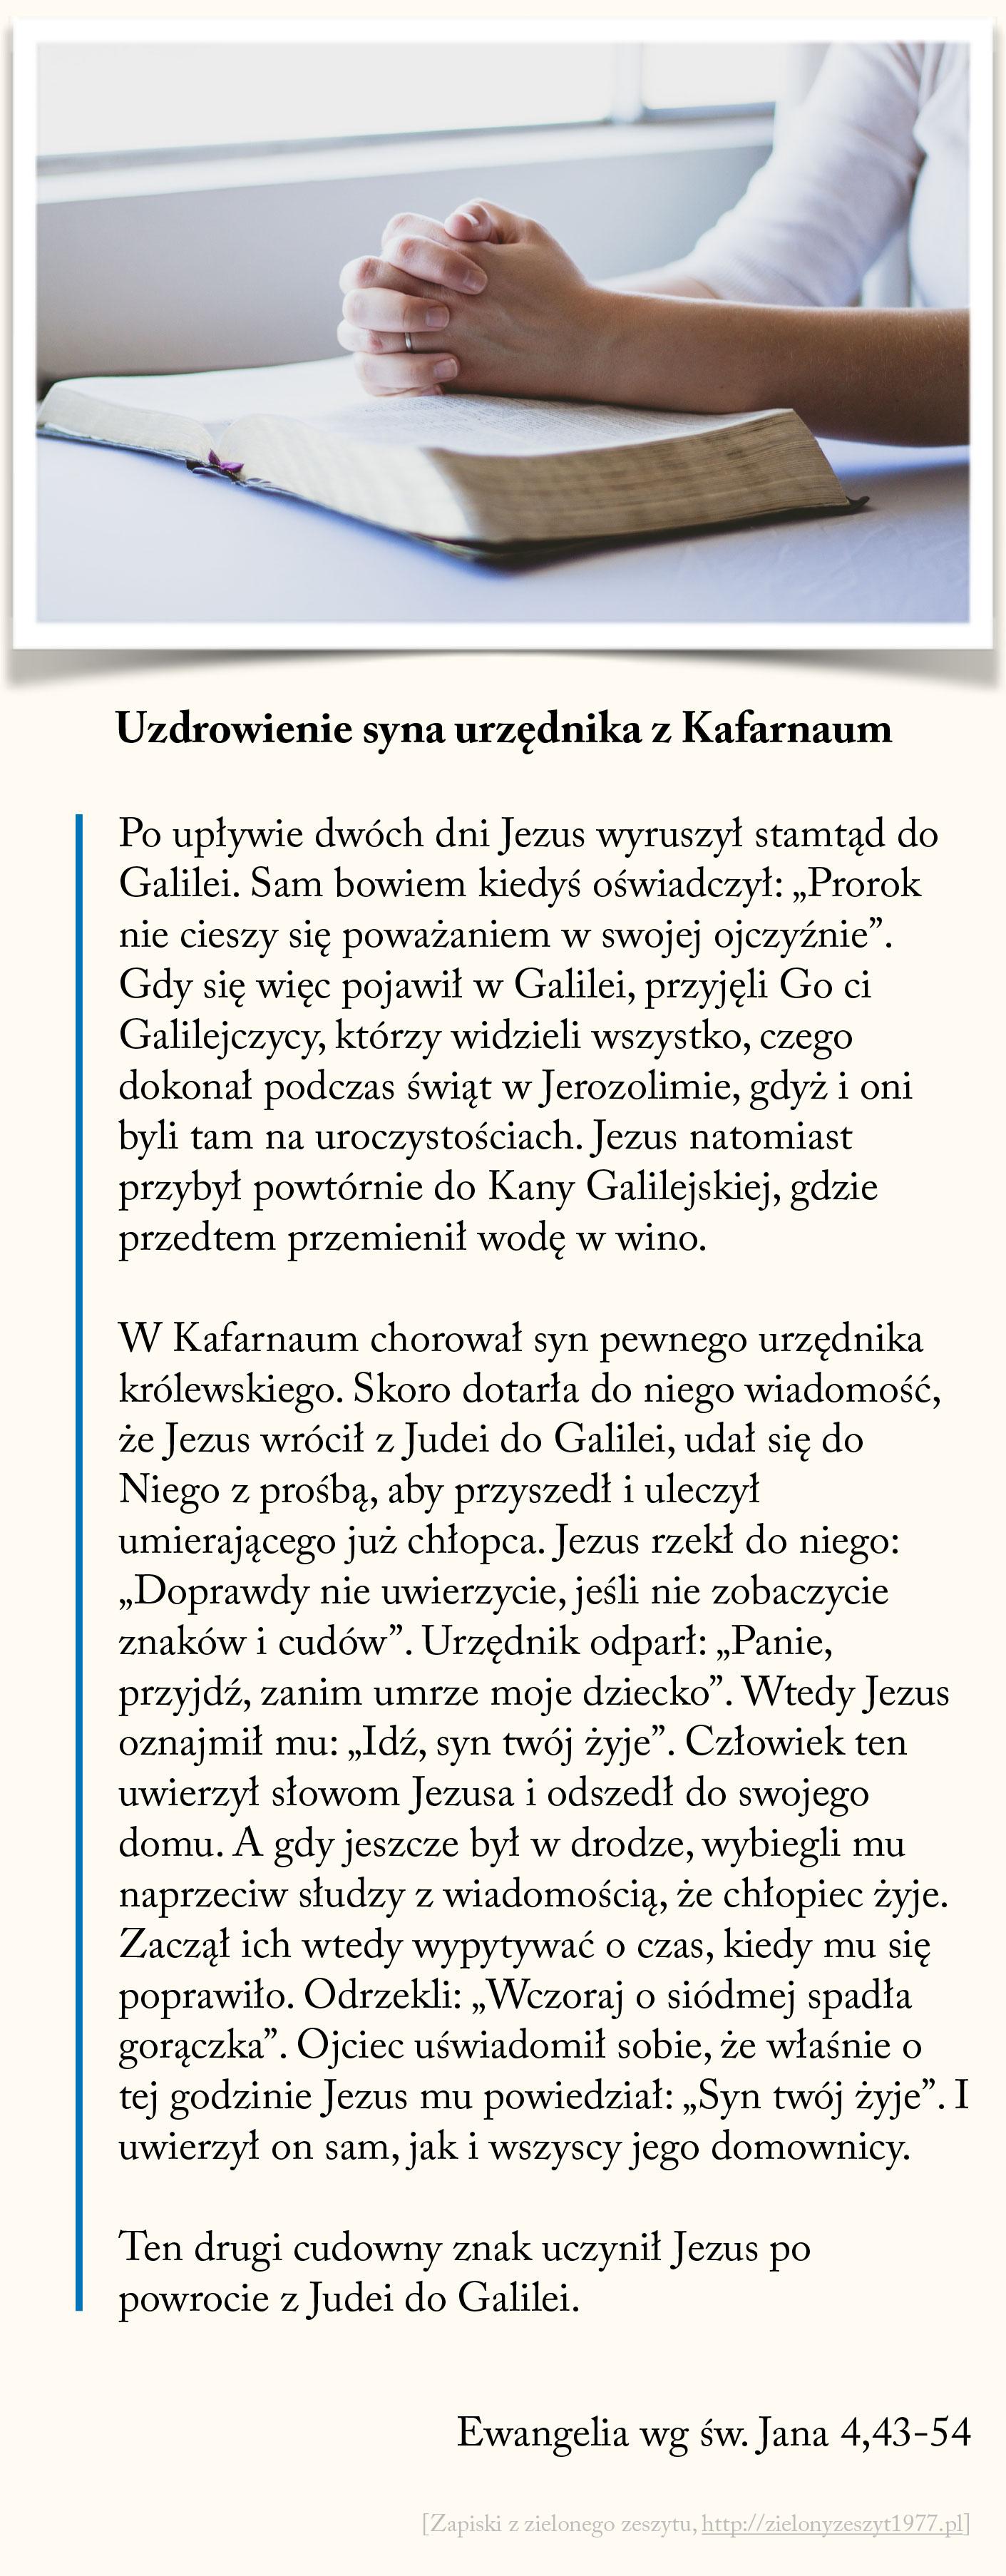 Uzdrowienie syna urzędnika z Kafarnaum, Ewangelia wg św. Jana